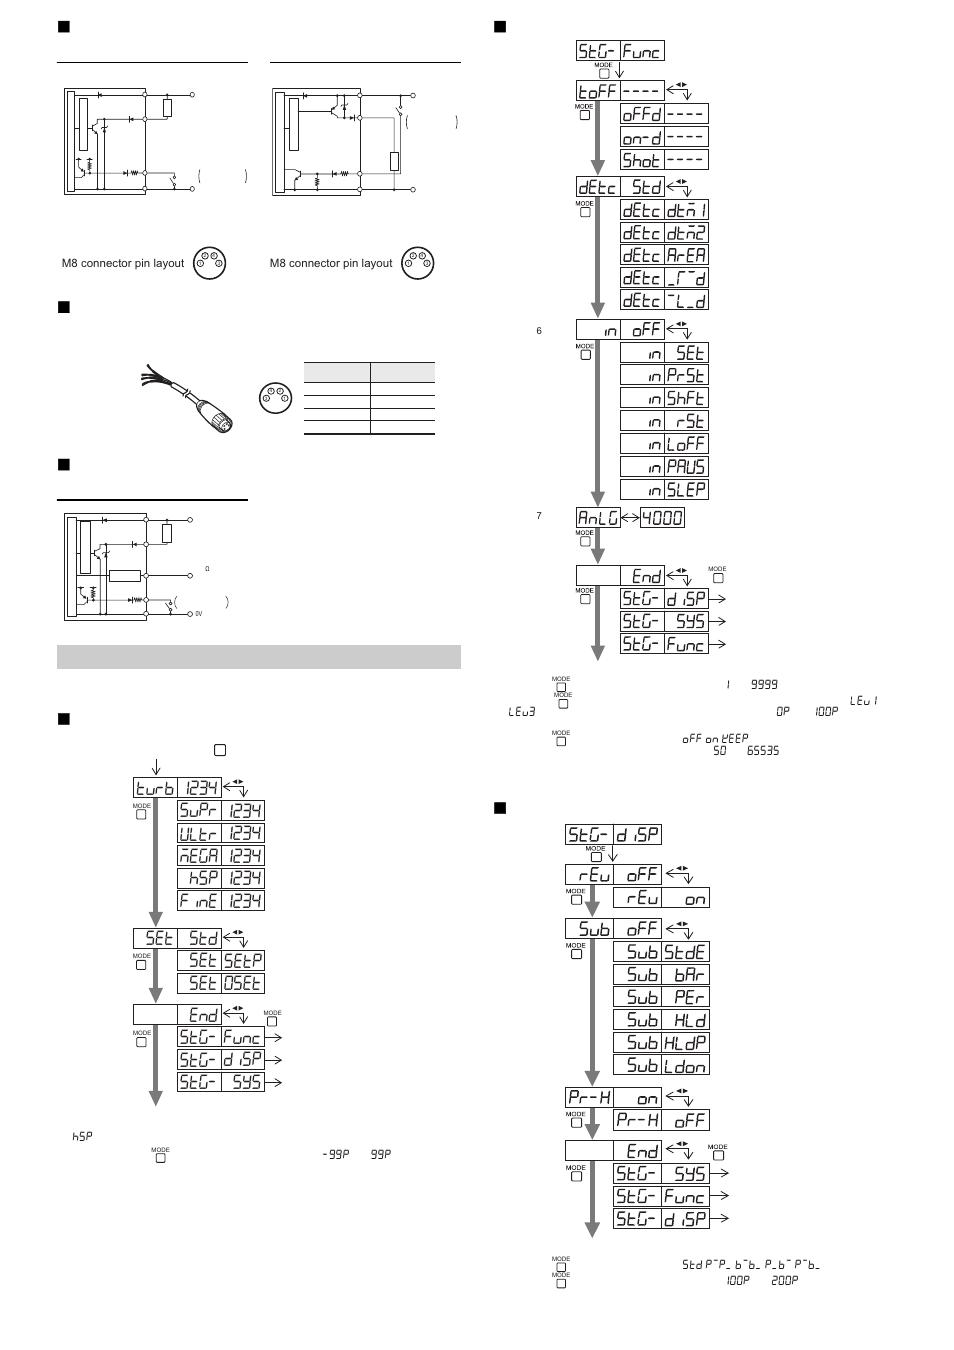 M8 Connector Type Lv N11cn N12cn N11cp N12cp Keyence Wiring Diagram N10 Series User Manual Page 8 12